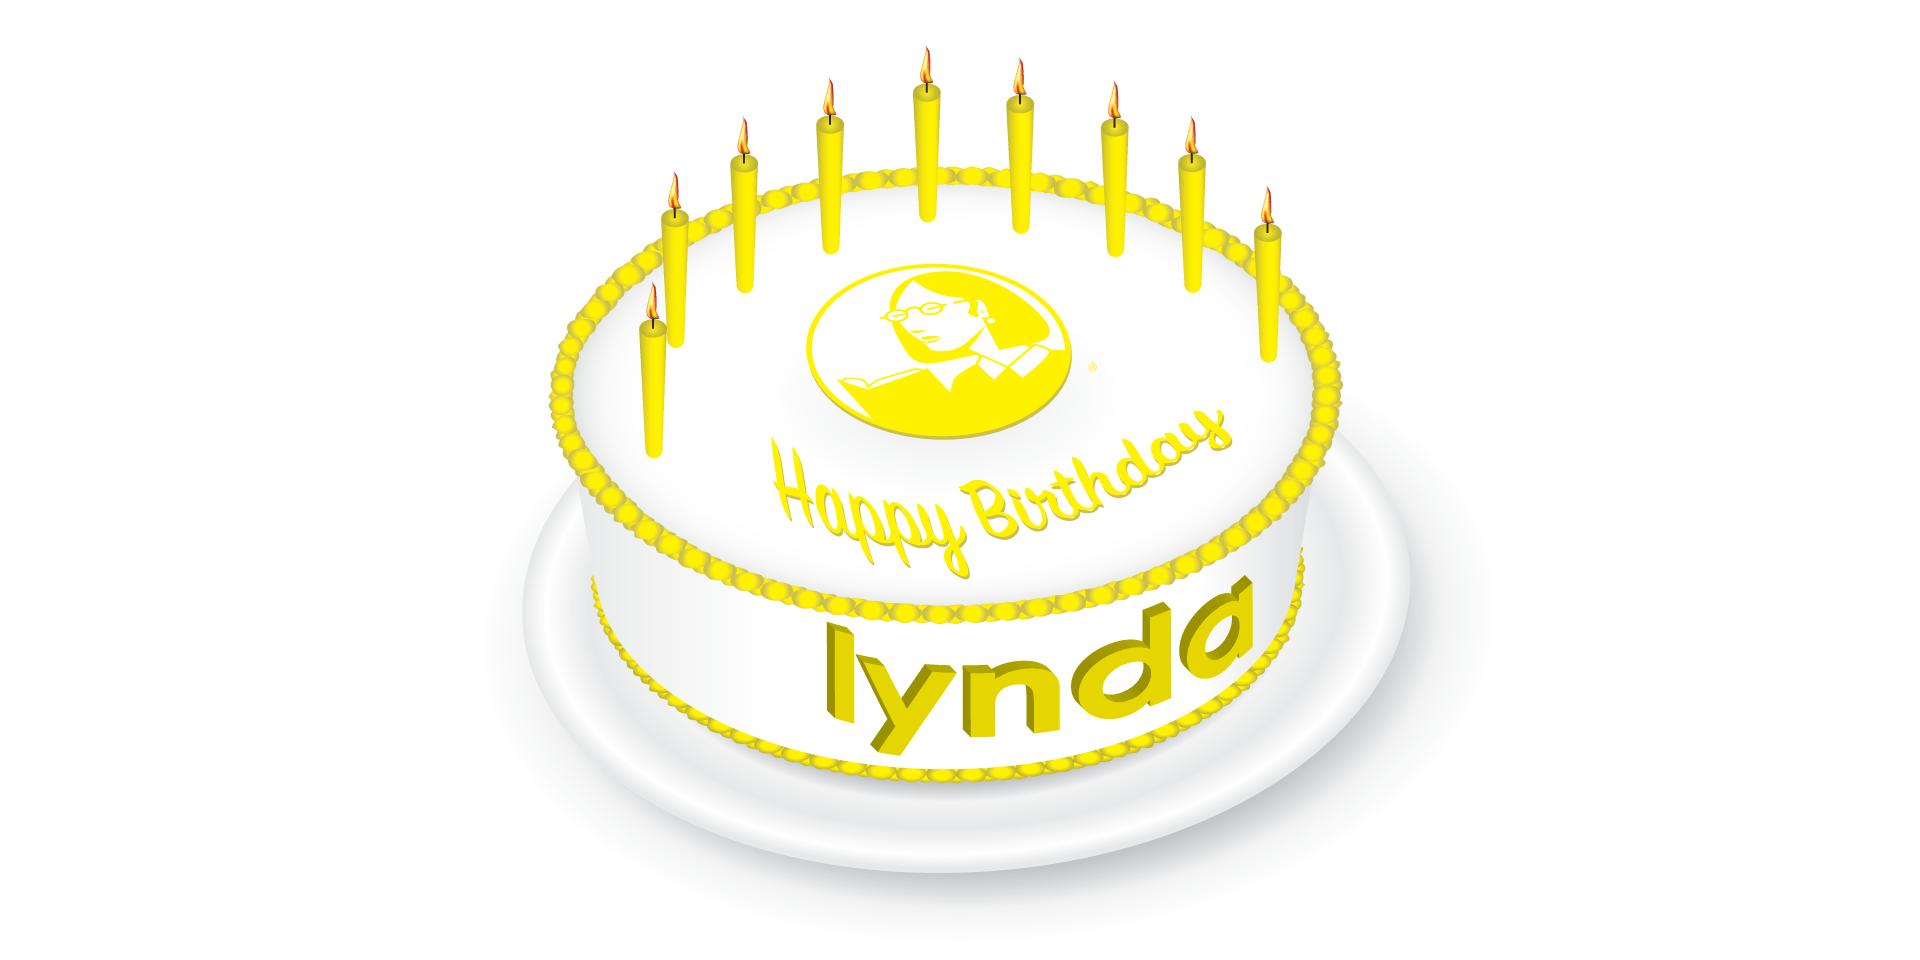 Happy Birthday Lynda Weinman